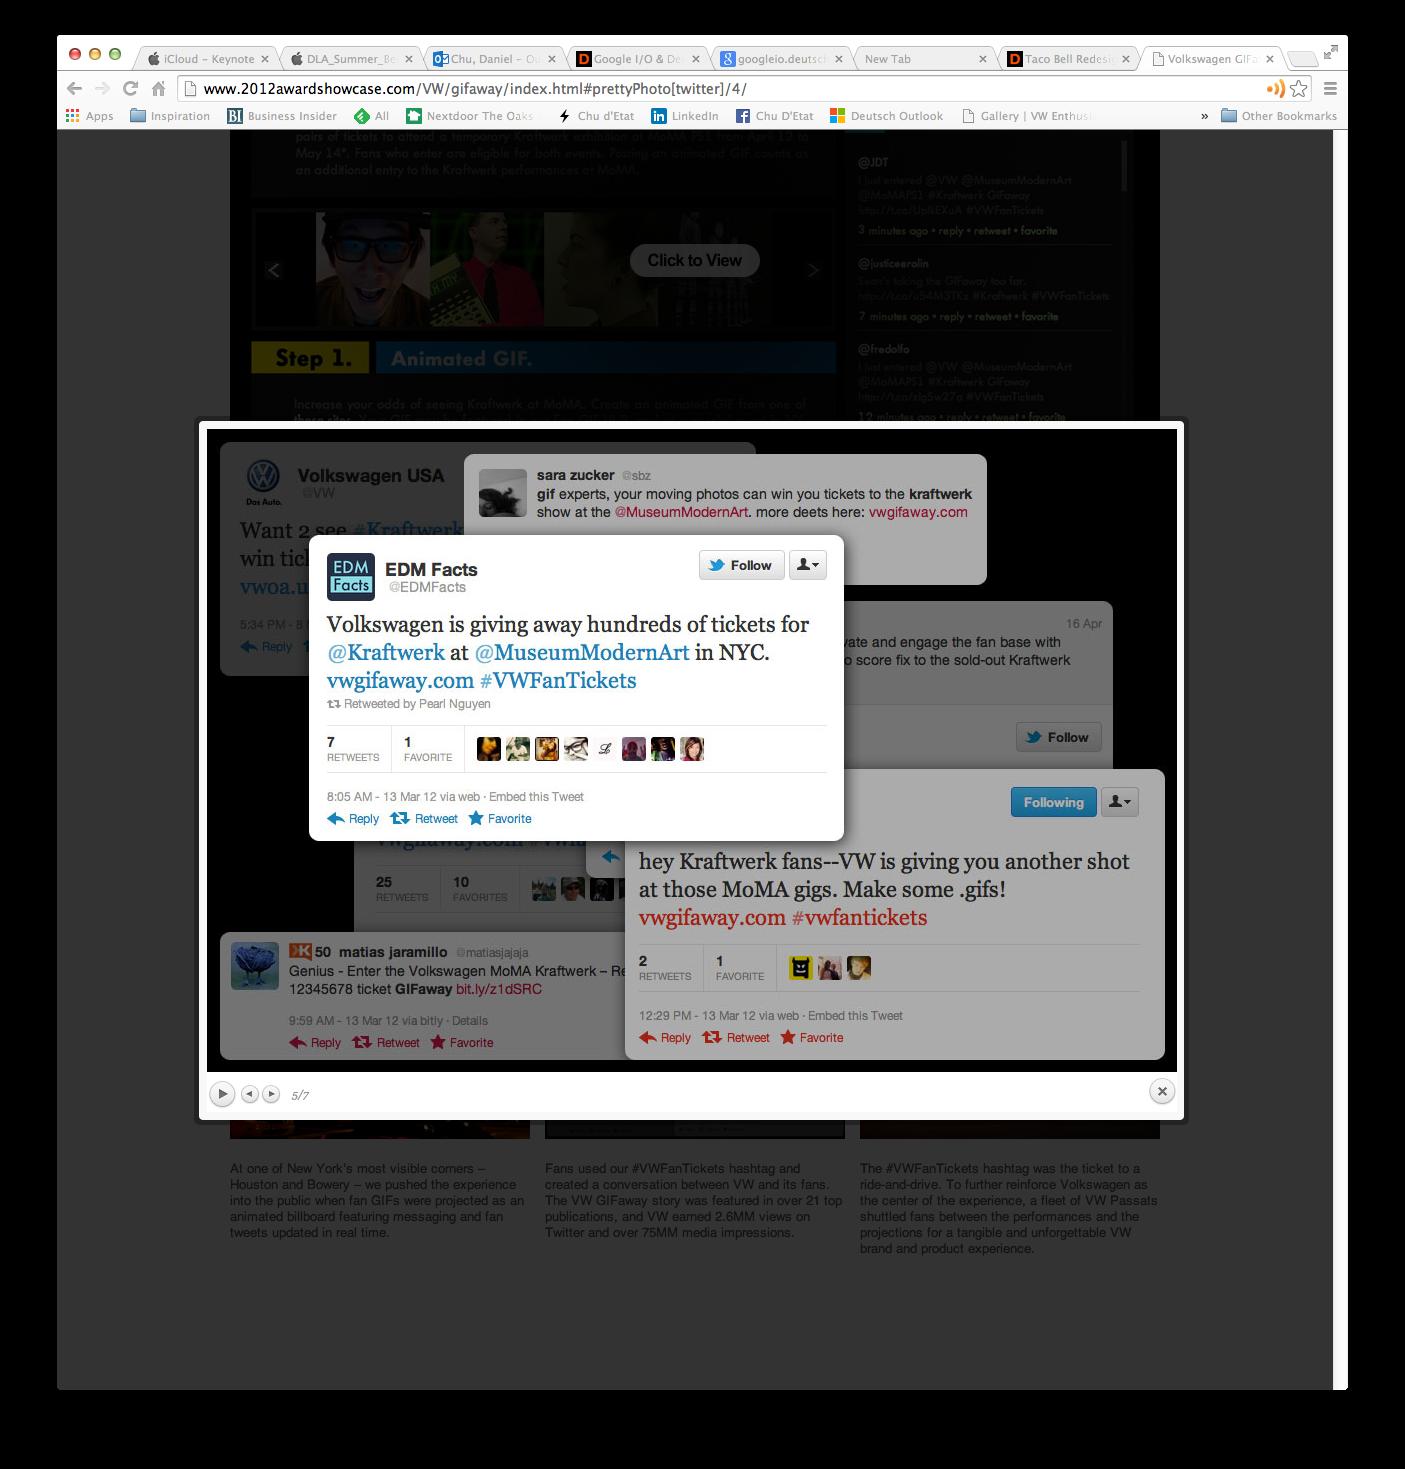 Screen Shot 2014-08-18 at 12.11.37 PM.png